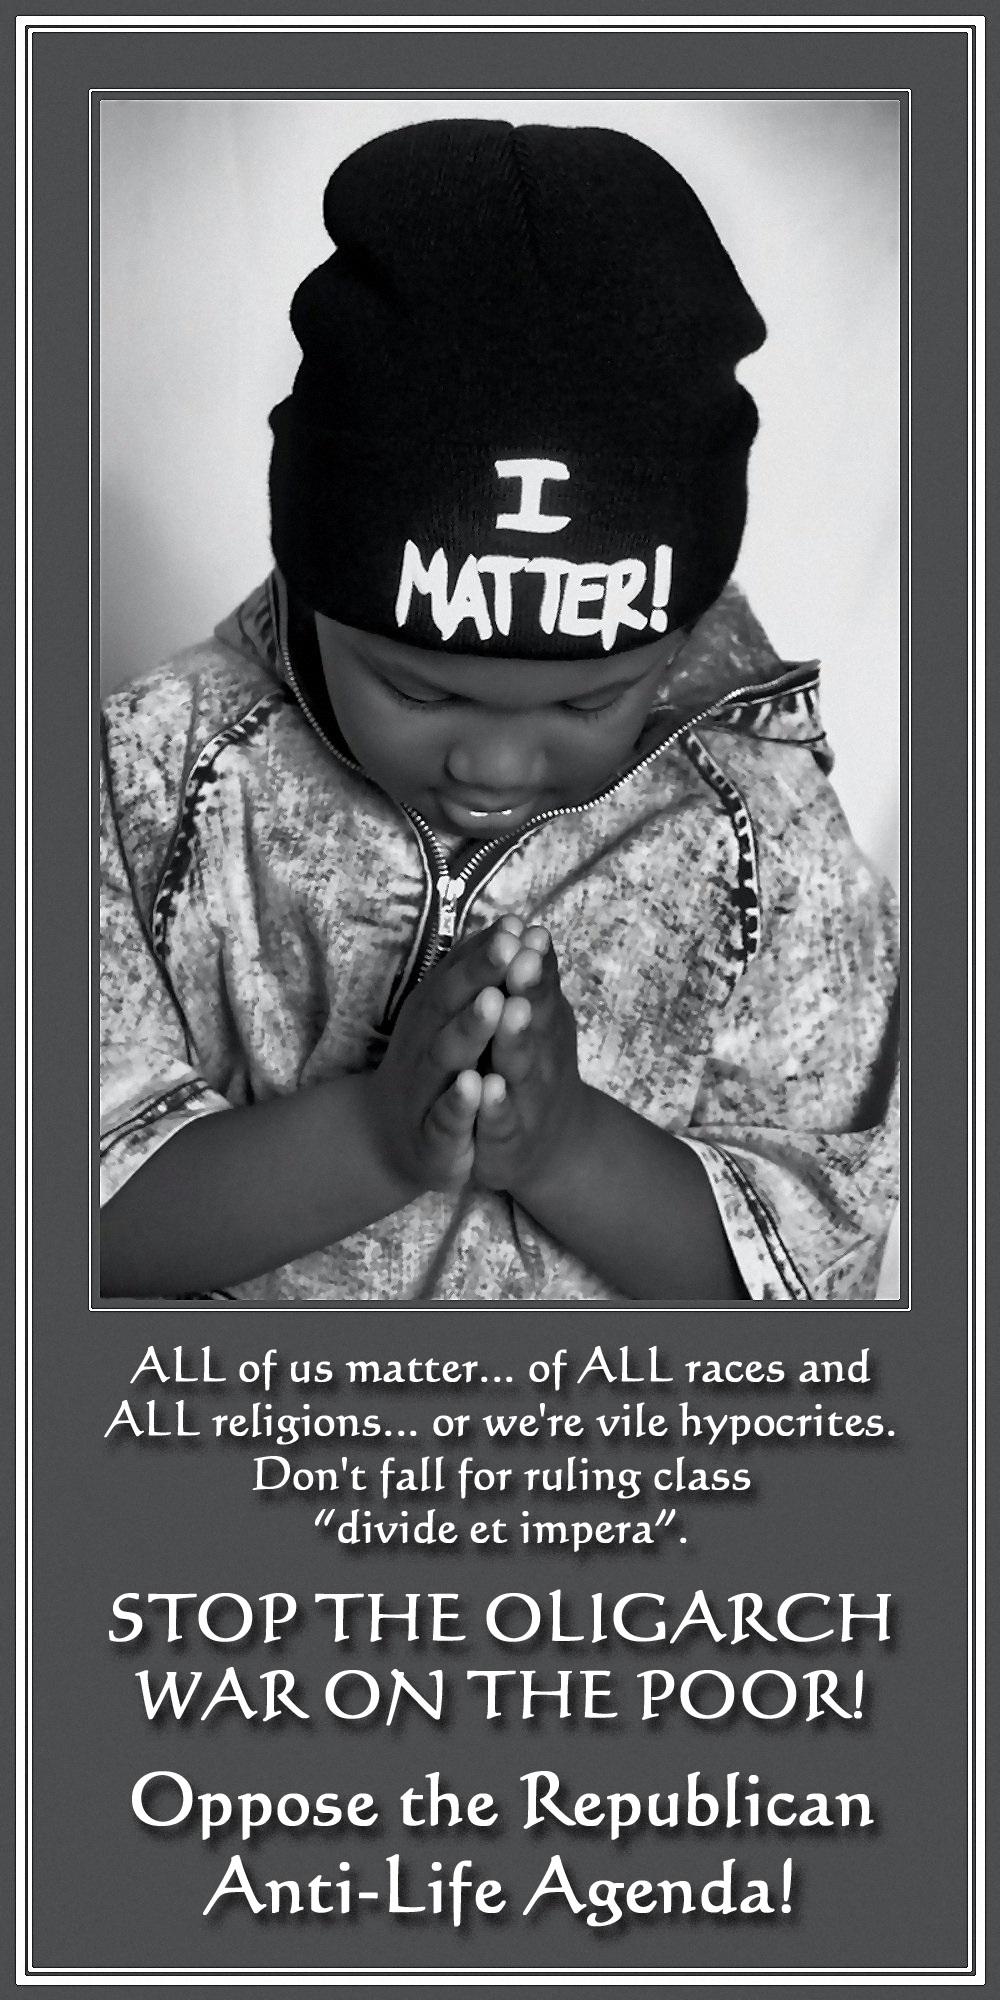 00 all lives matter 010116